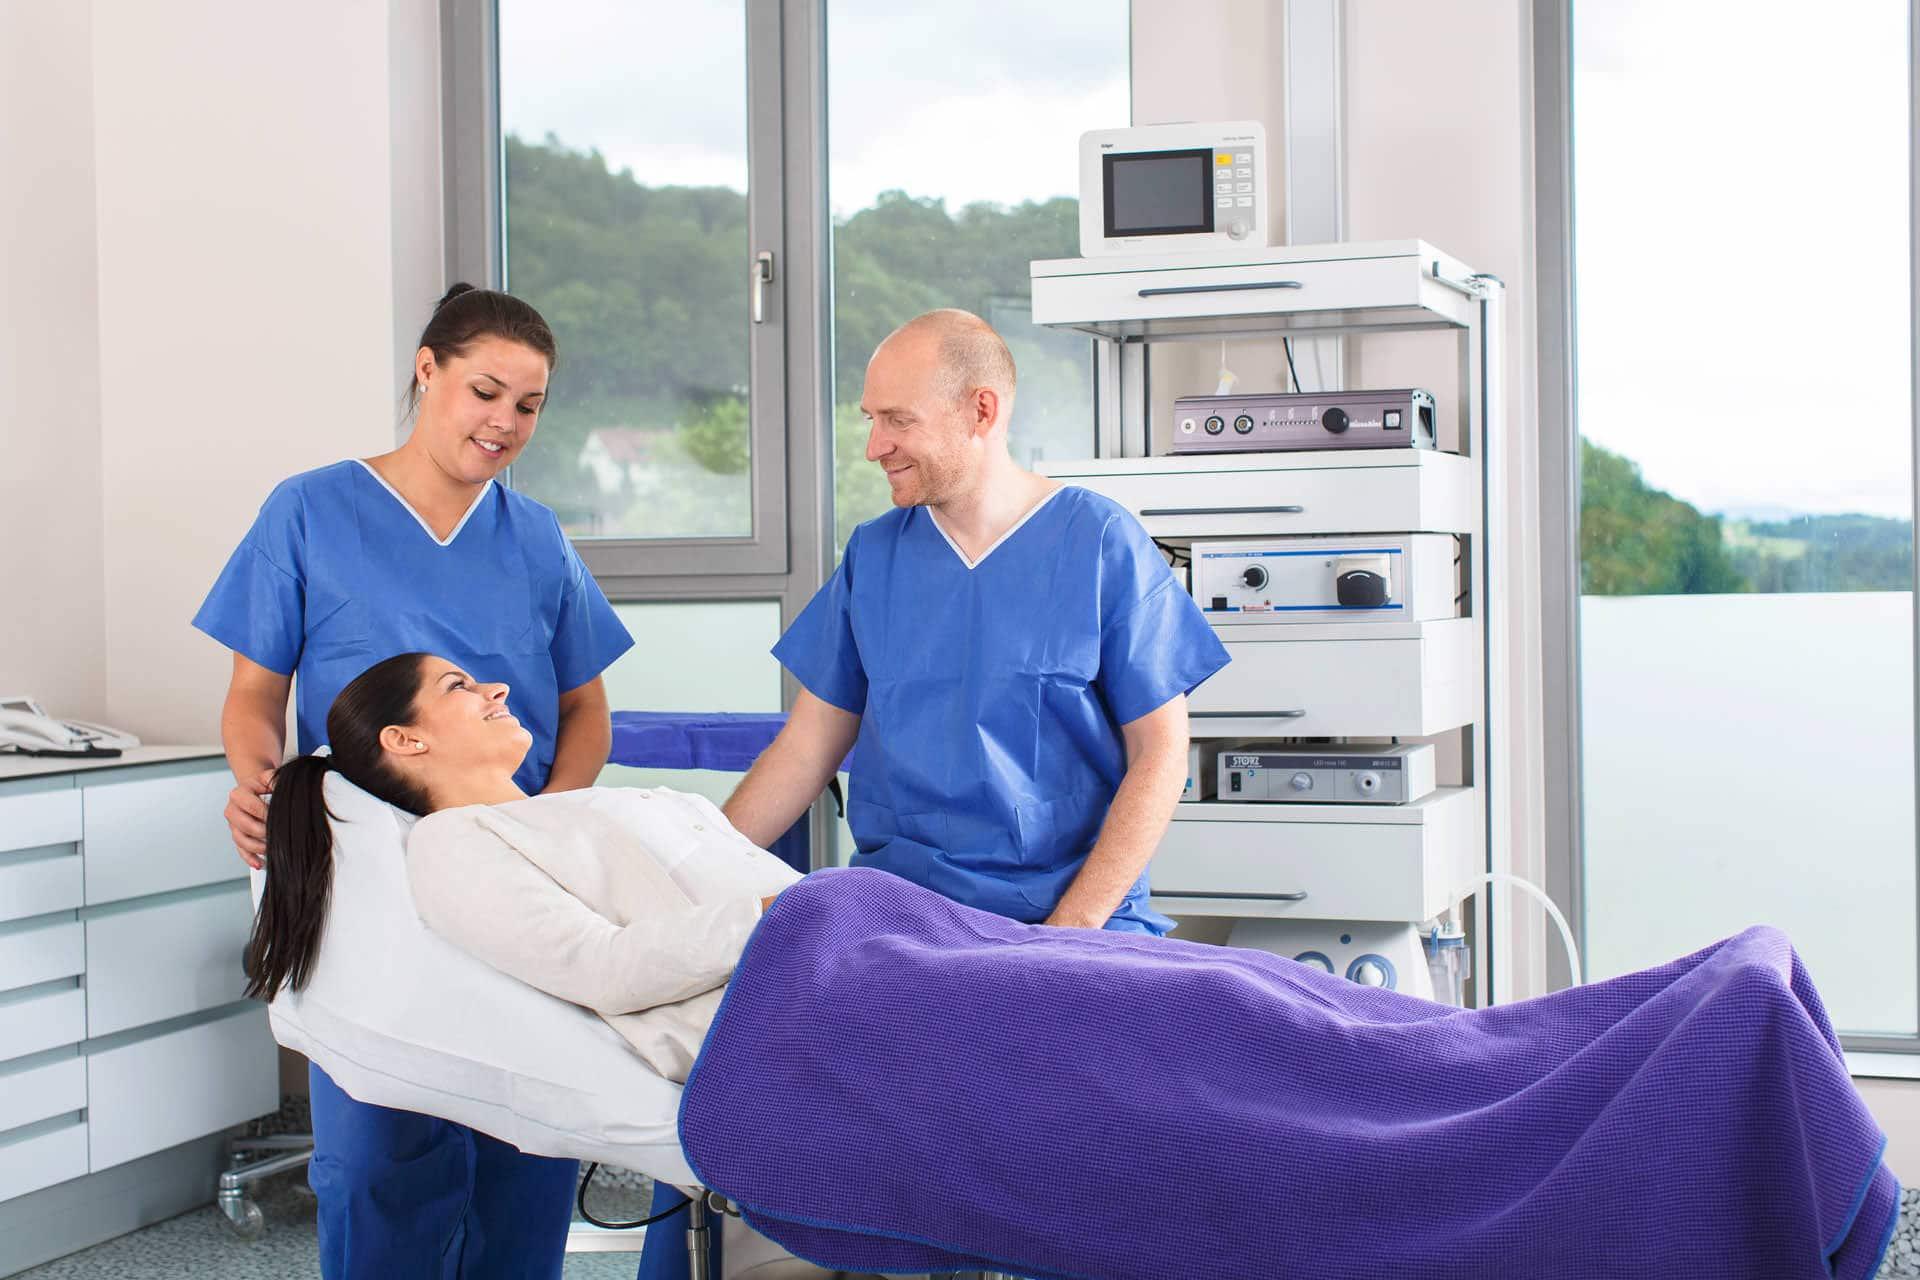 Brustverkleinerungs-OP in Waldshut oder Lörrach, grenznah an Zürich und Basel